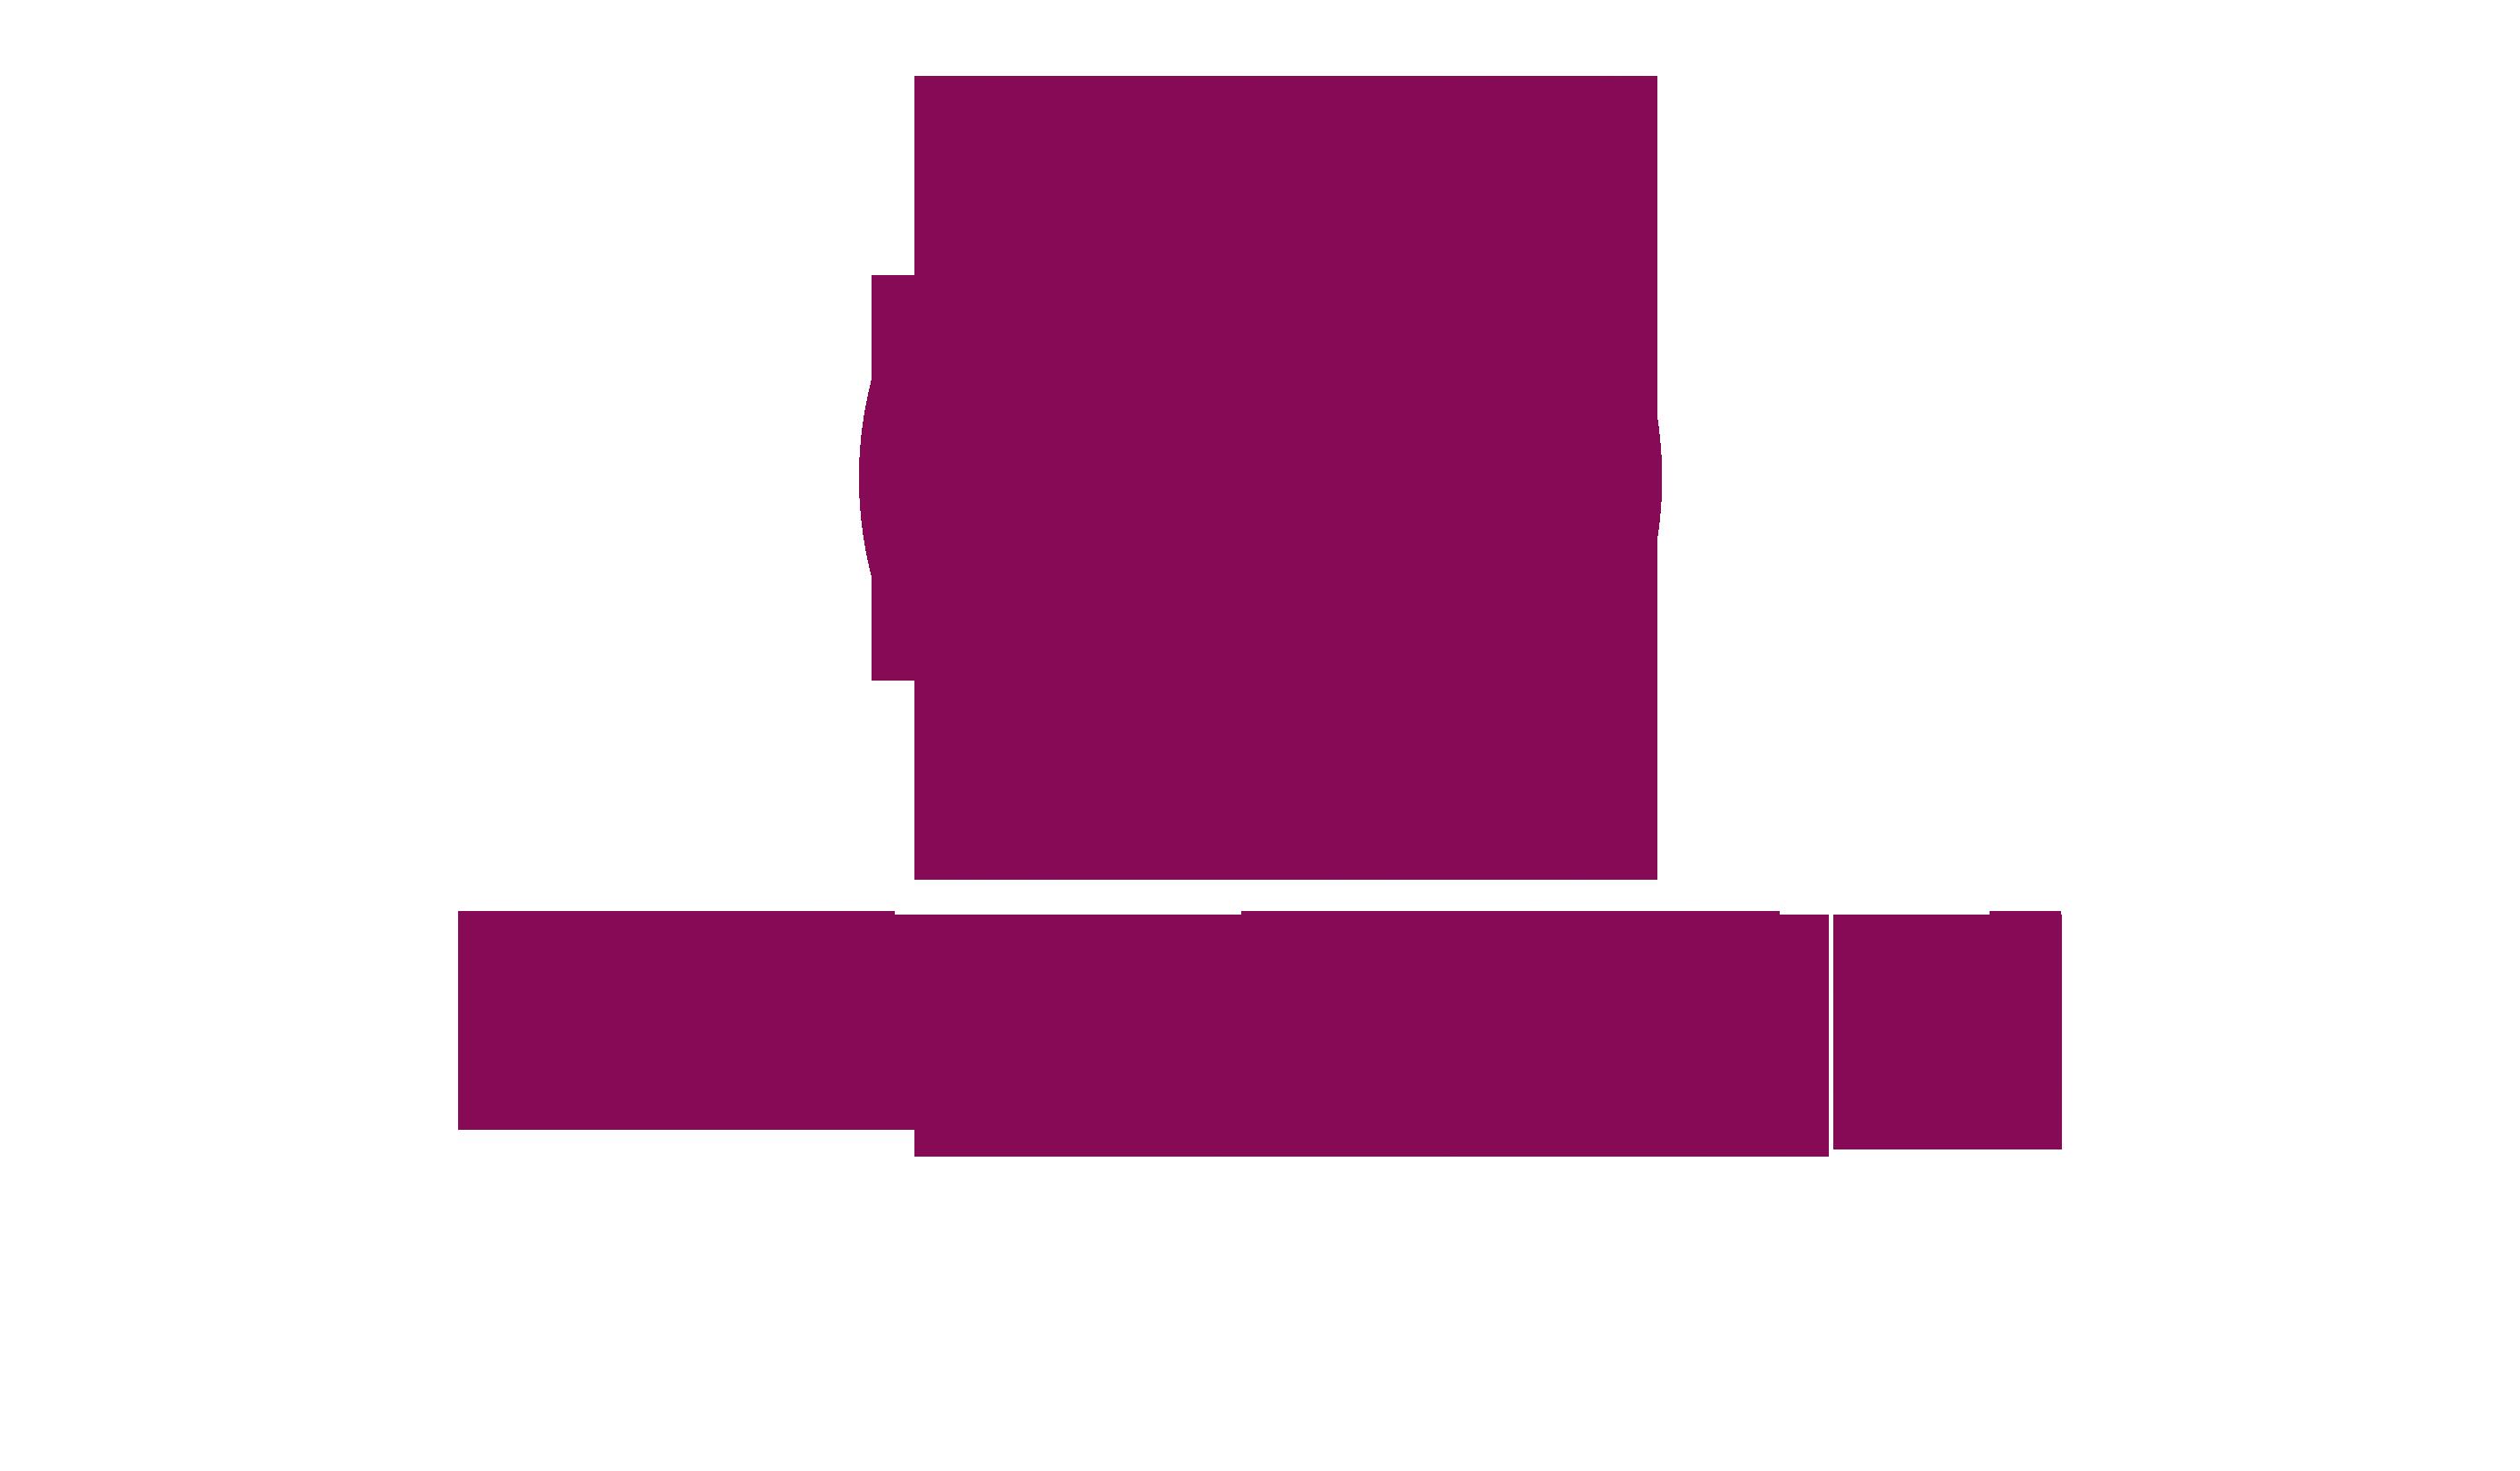 mlogo_luteranie